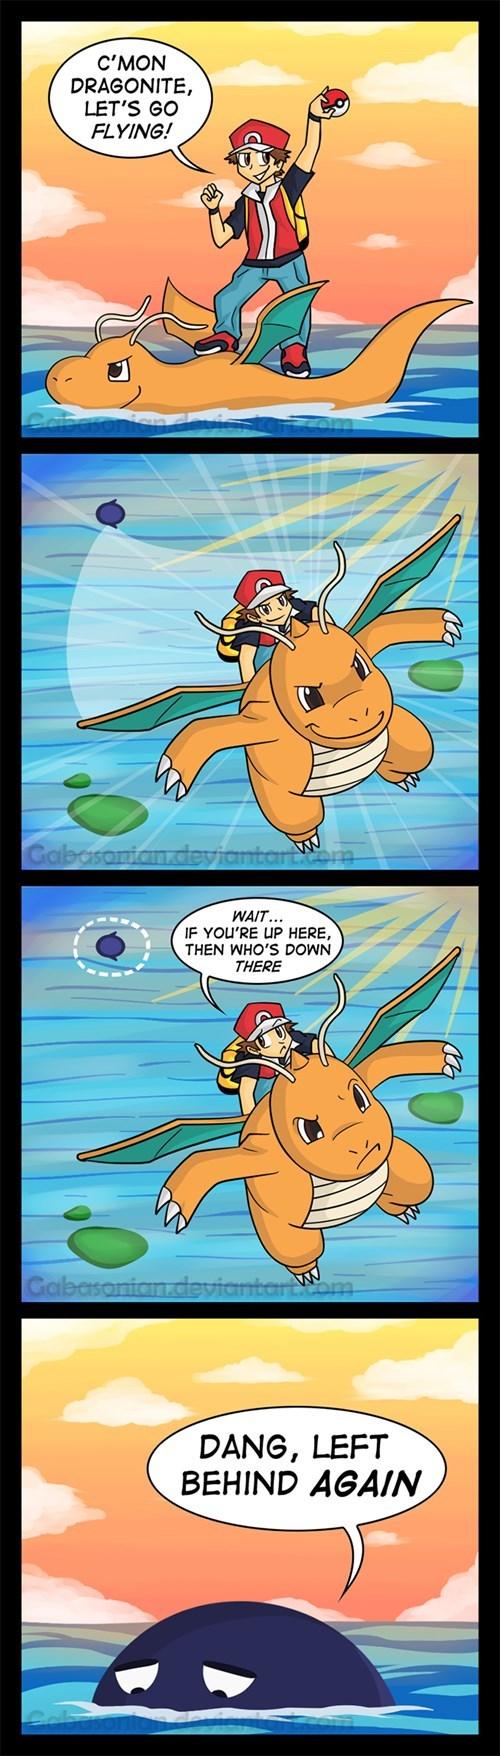 Pokémon dragonite pokemon logic - 8463461632